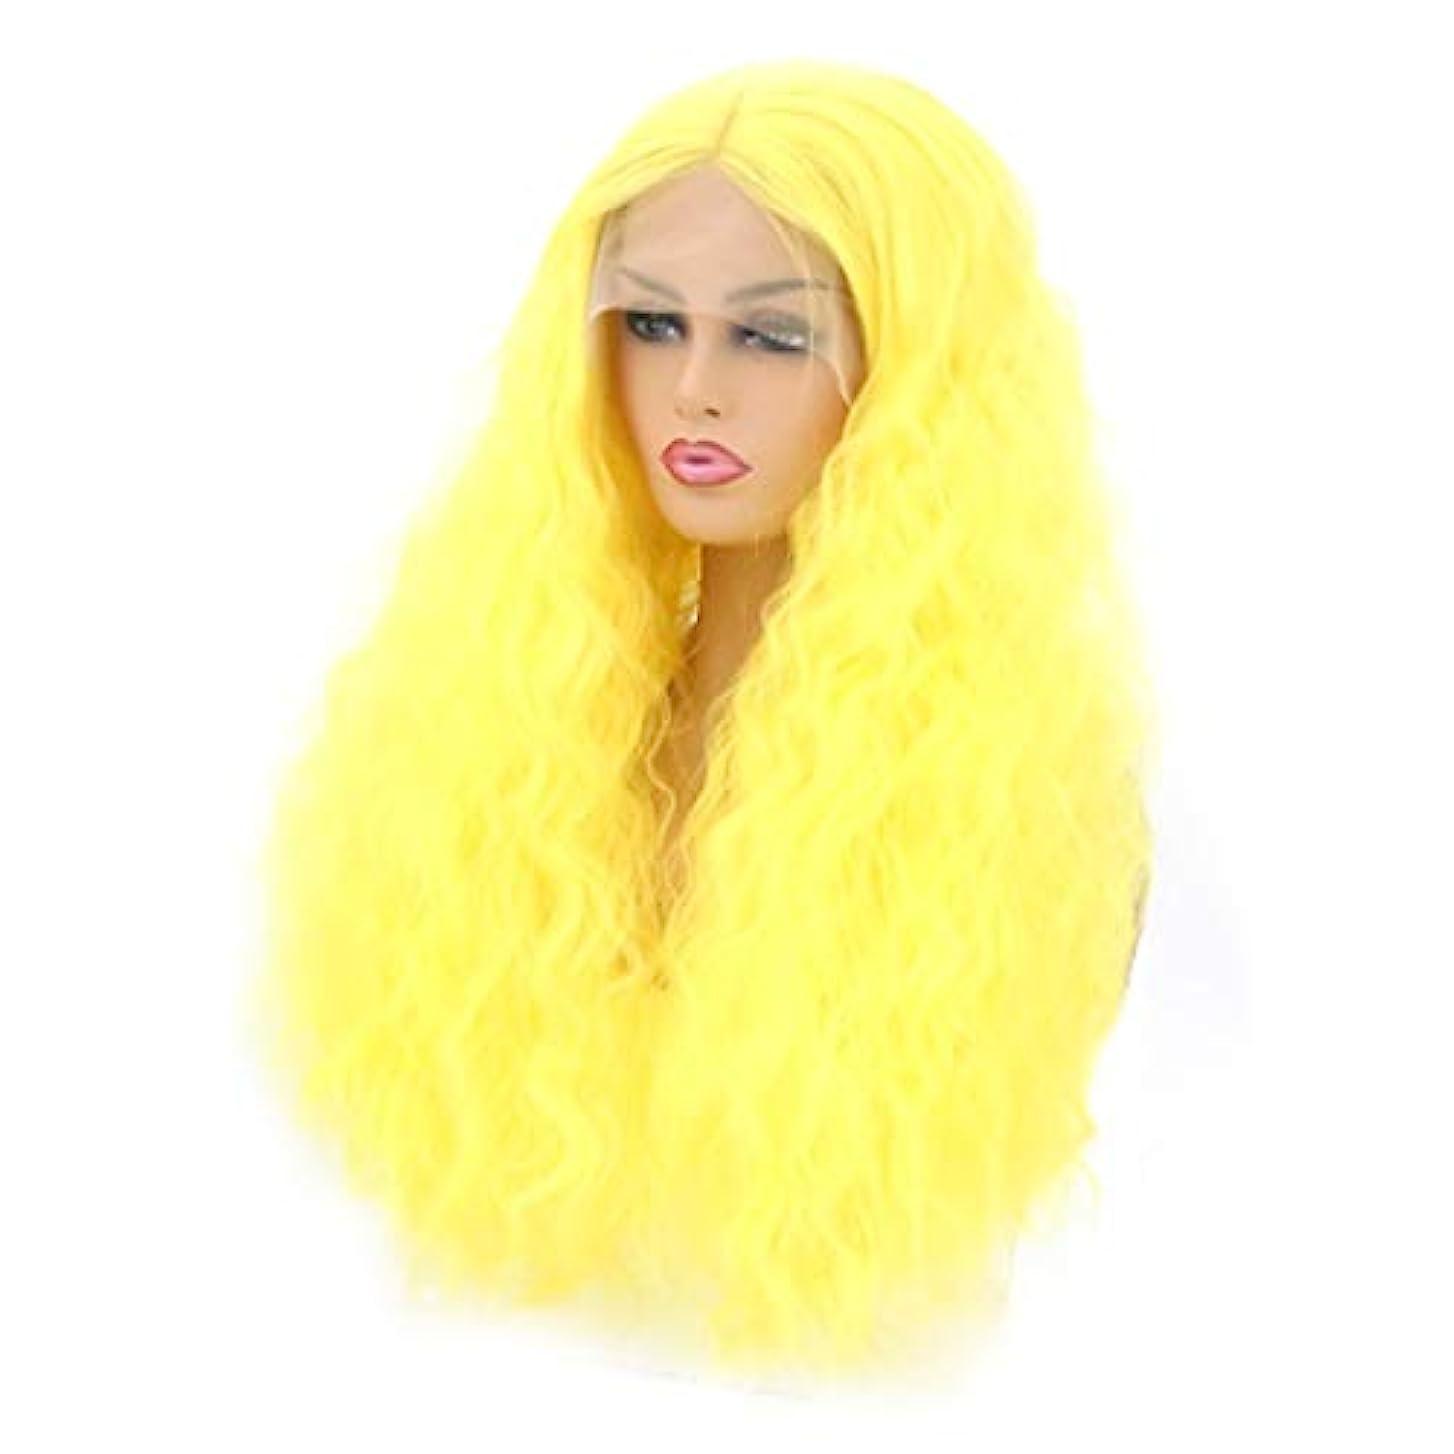 鍔毛細血管宮殿Kerwinner 本物の髪として自然な女性のための長い巻き毛の波状のかつら合成のカラフルなコスプレデイリーパーティーウィッグ (Size : 26 inches)